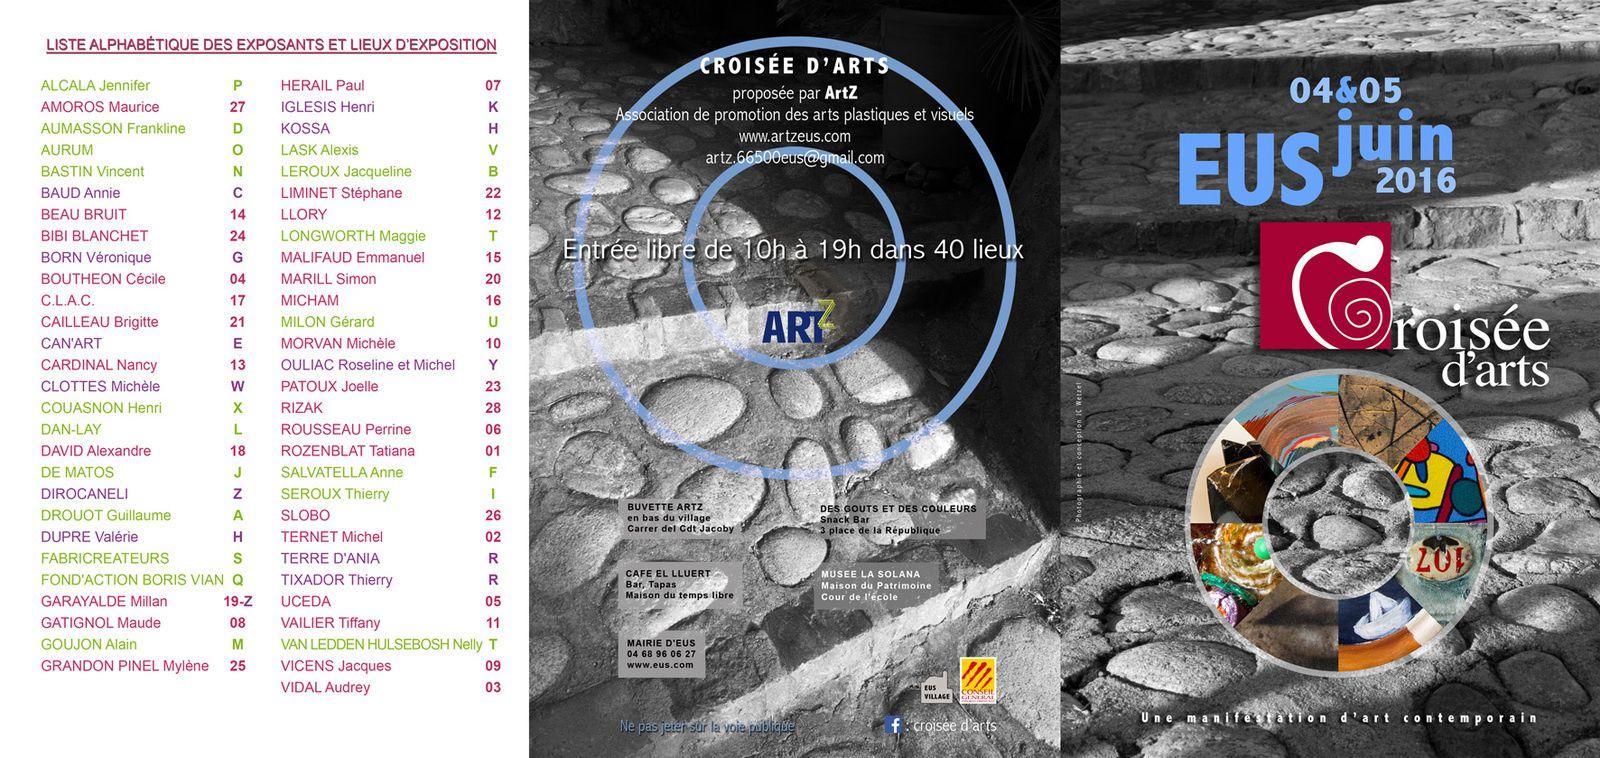 Croisée d'arts 2016 - Le plan des expositions